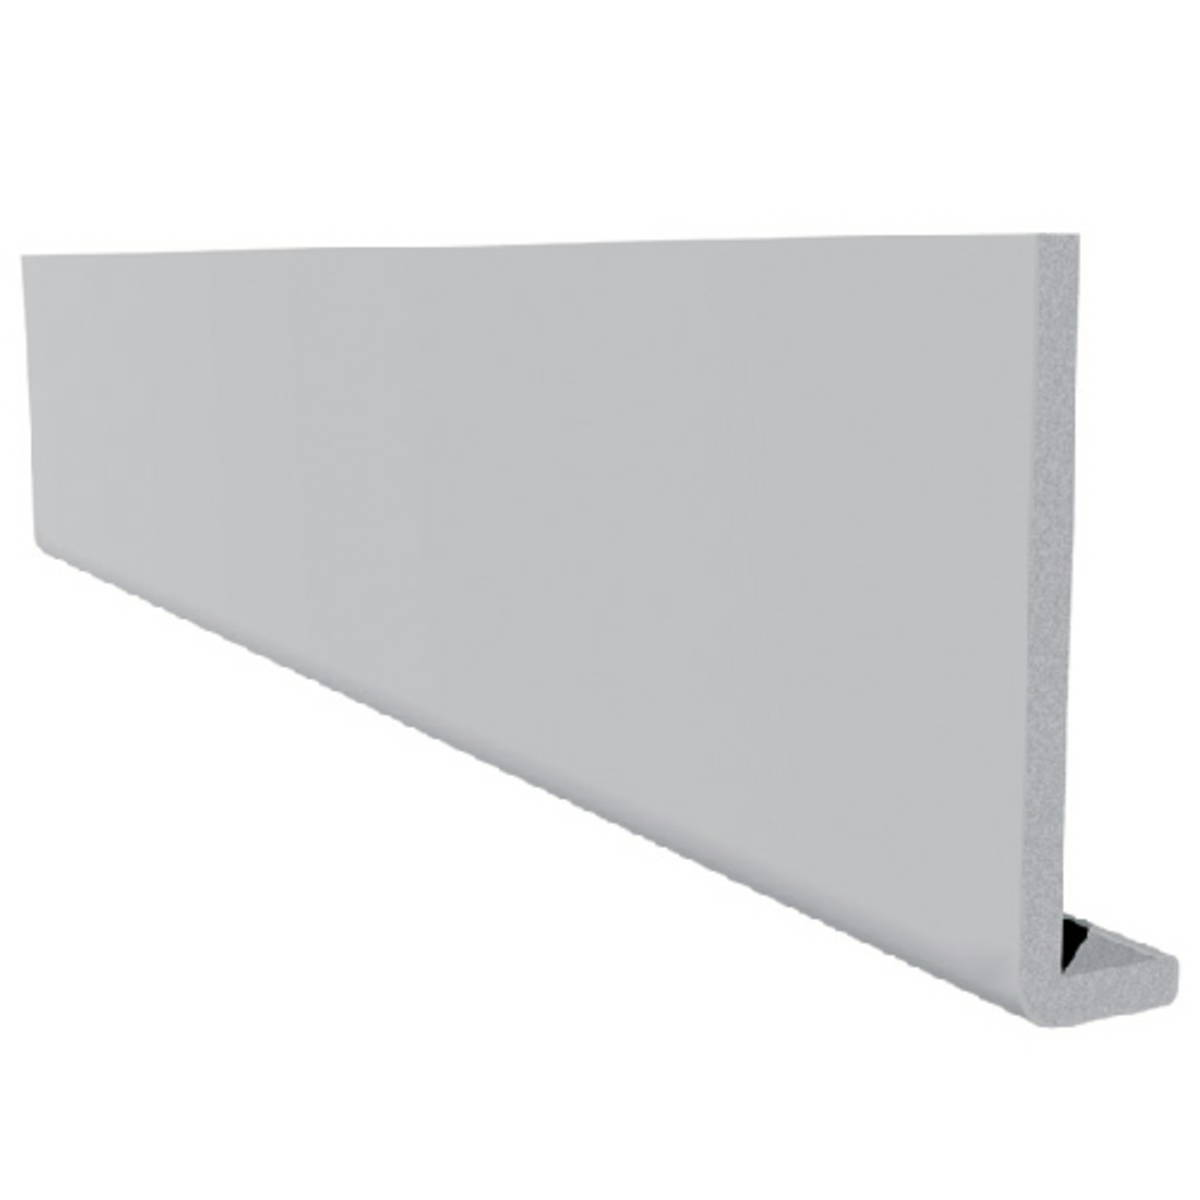 Appui de fenetre interieur en marbre ap fen tre ld36 for Nettoyage fenetre pvc blanc